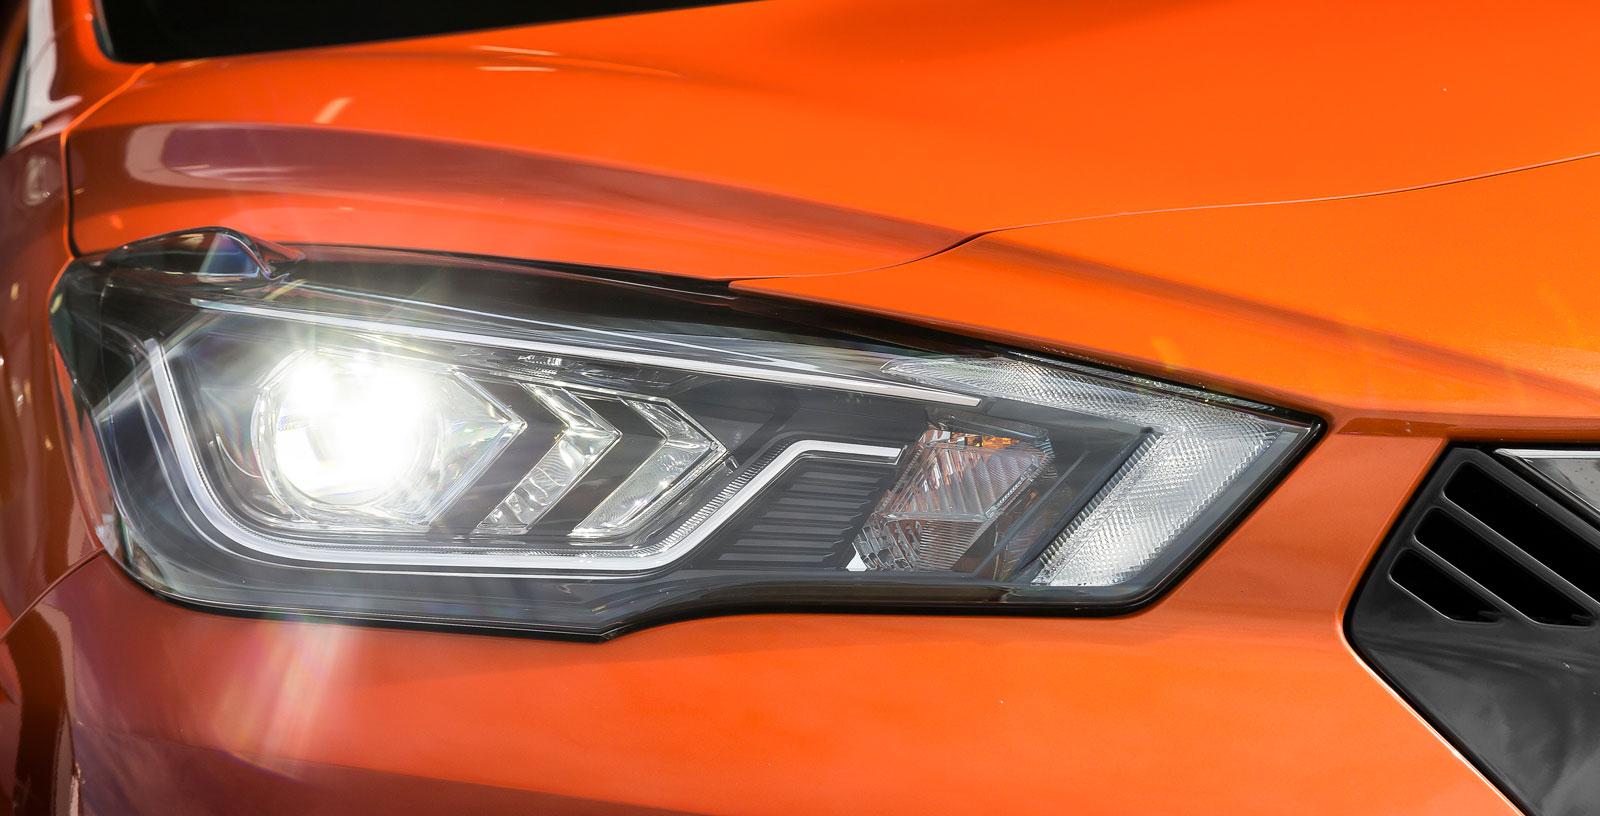 Micra är först i klassen – tillsammans med Ibiza – att erbjuda LED-strålkastare som tillval (+4000 kr).